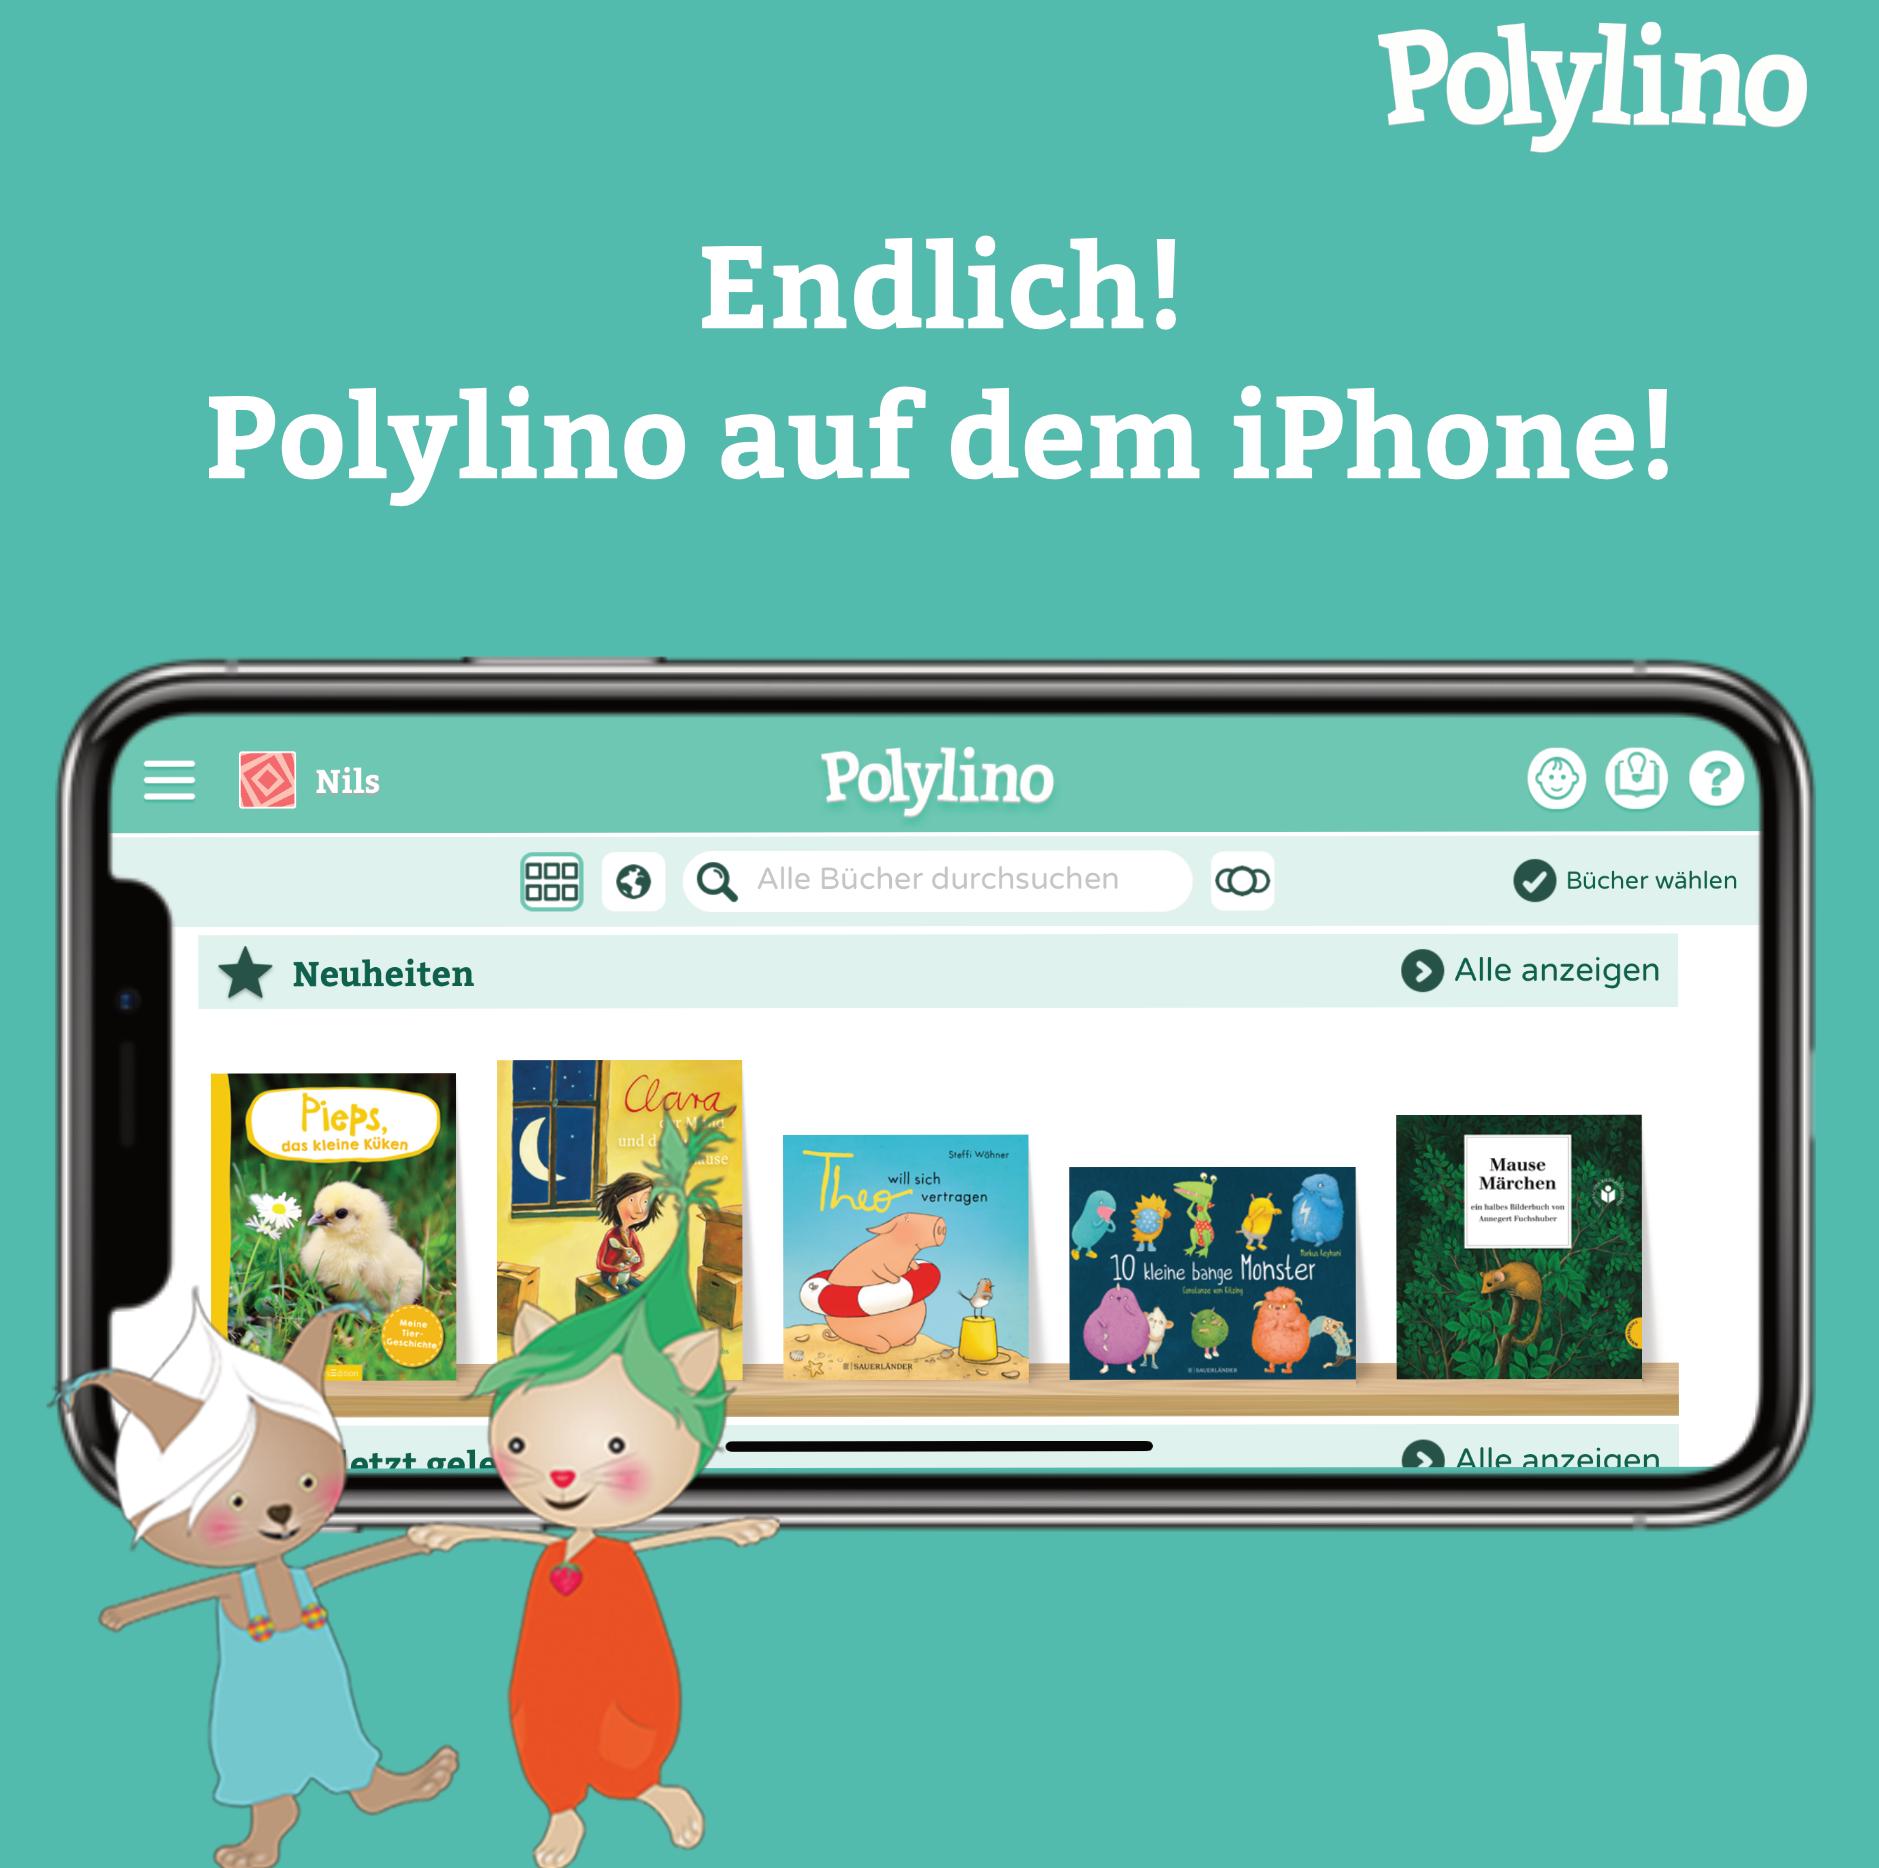 Polylino ab sofort auch auf dem iPhone verfügbar!